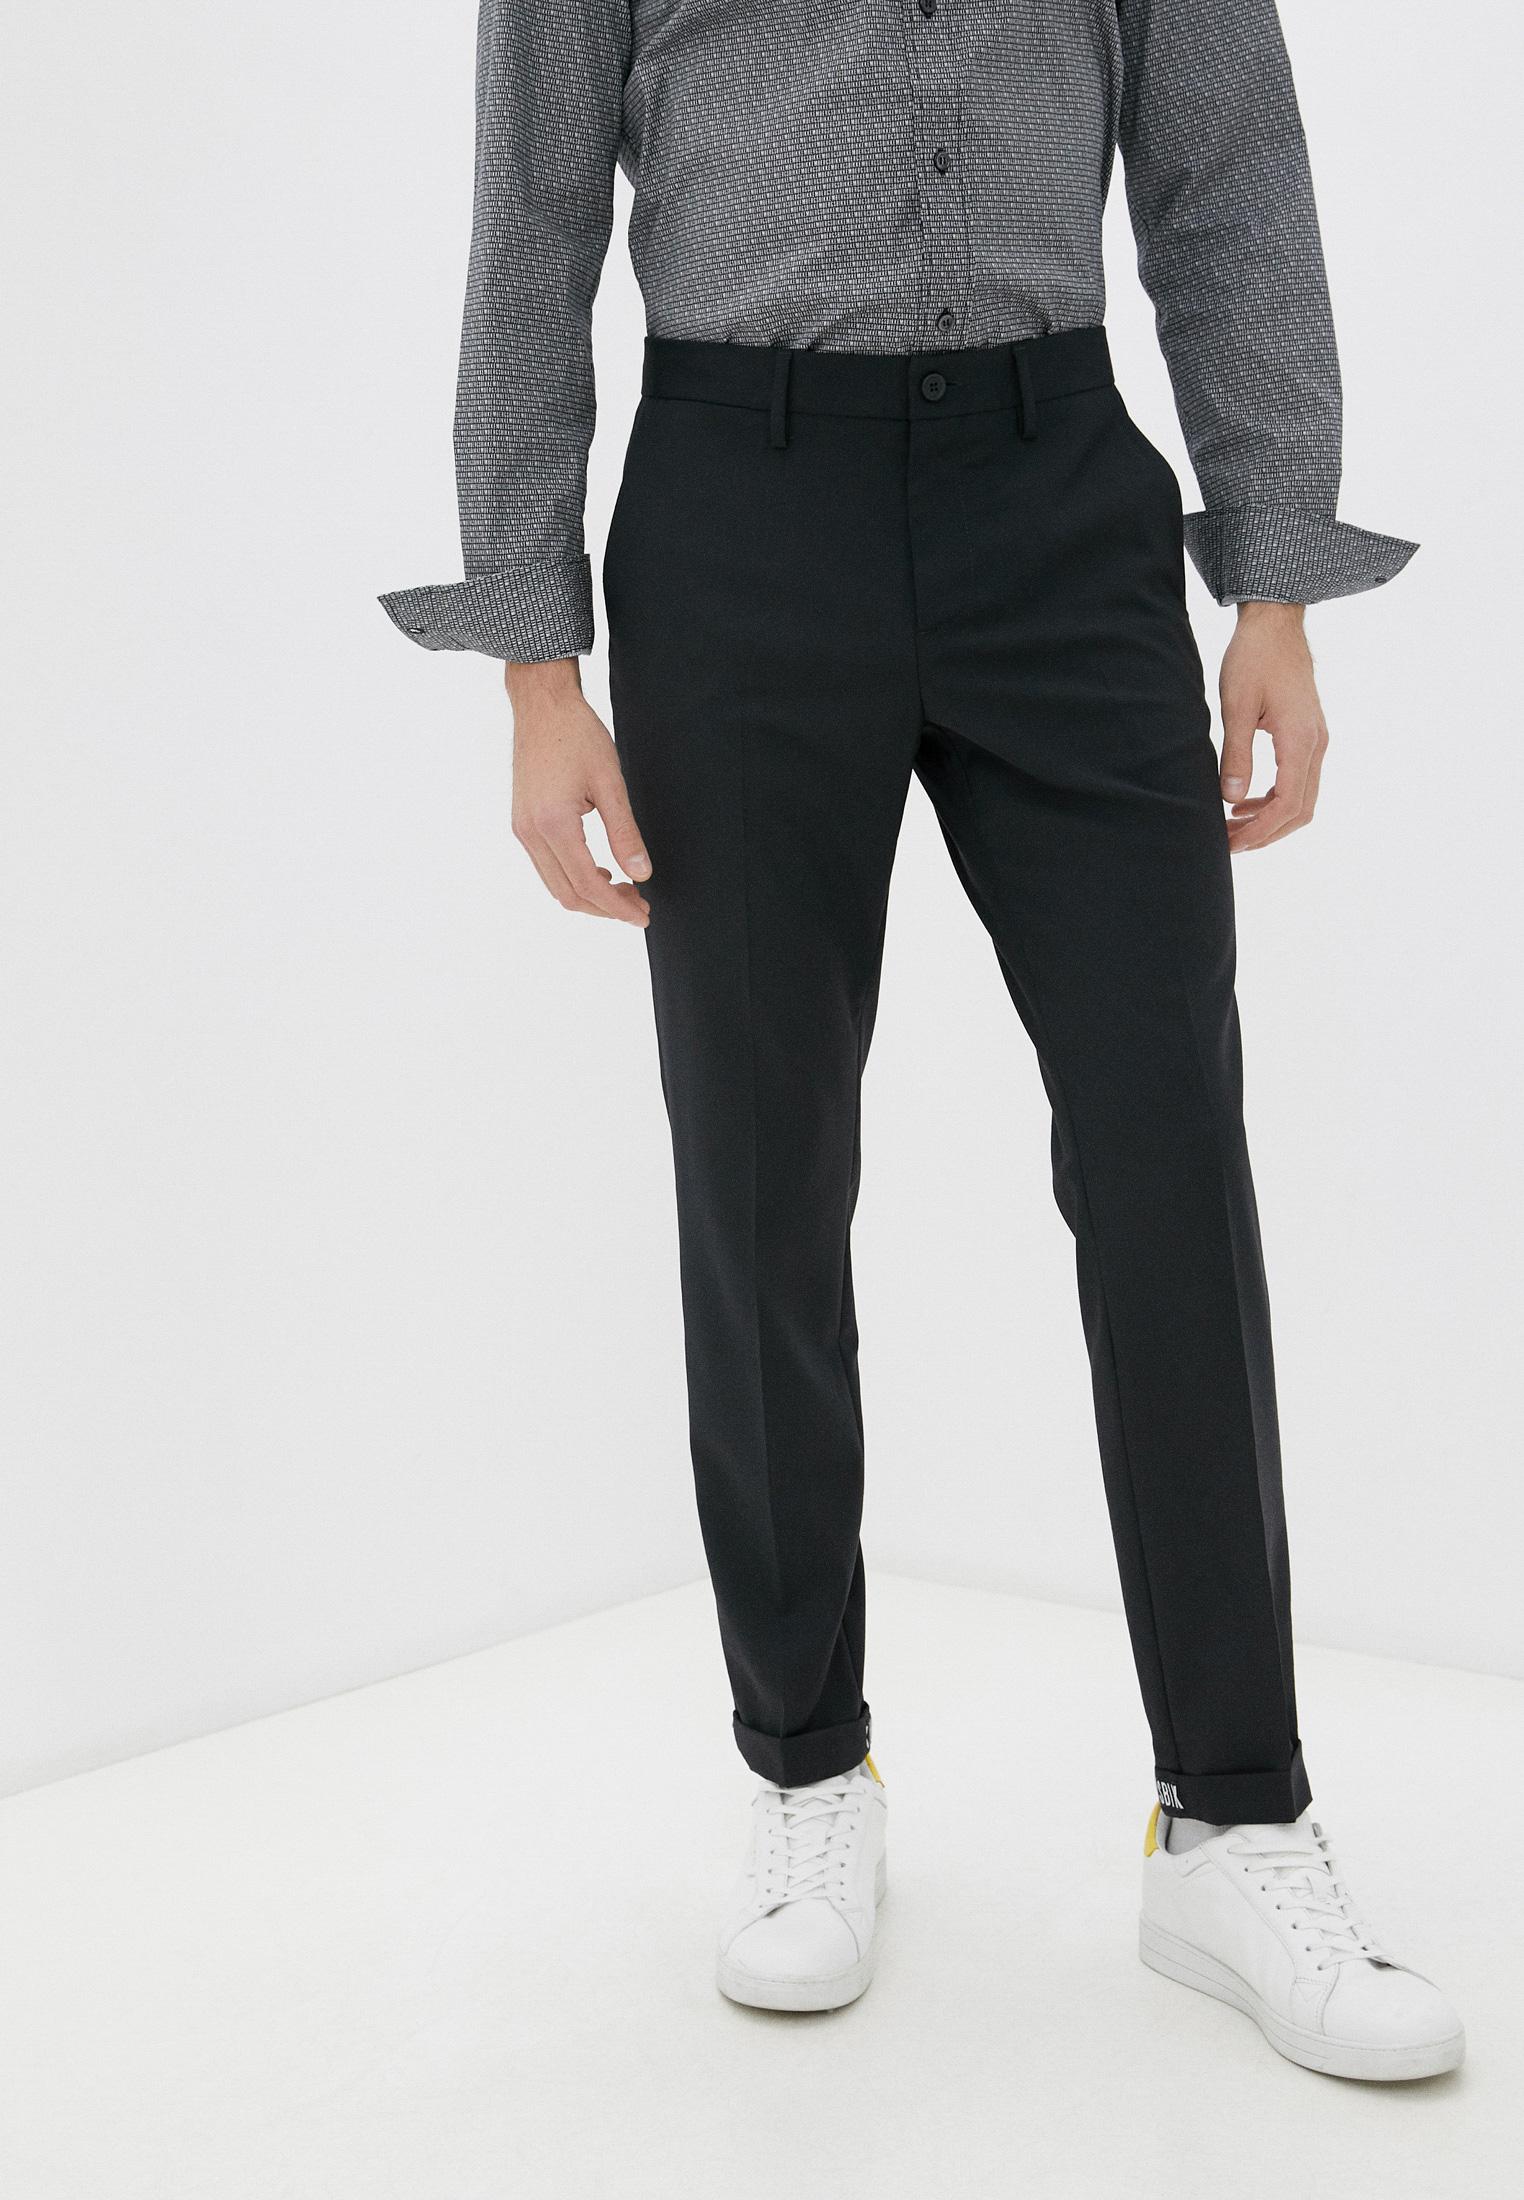 Мужские брюки Bikkembergs (Биккембергс) C P 001 00 S 3452